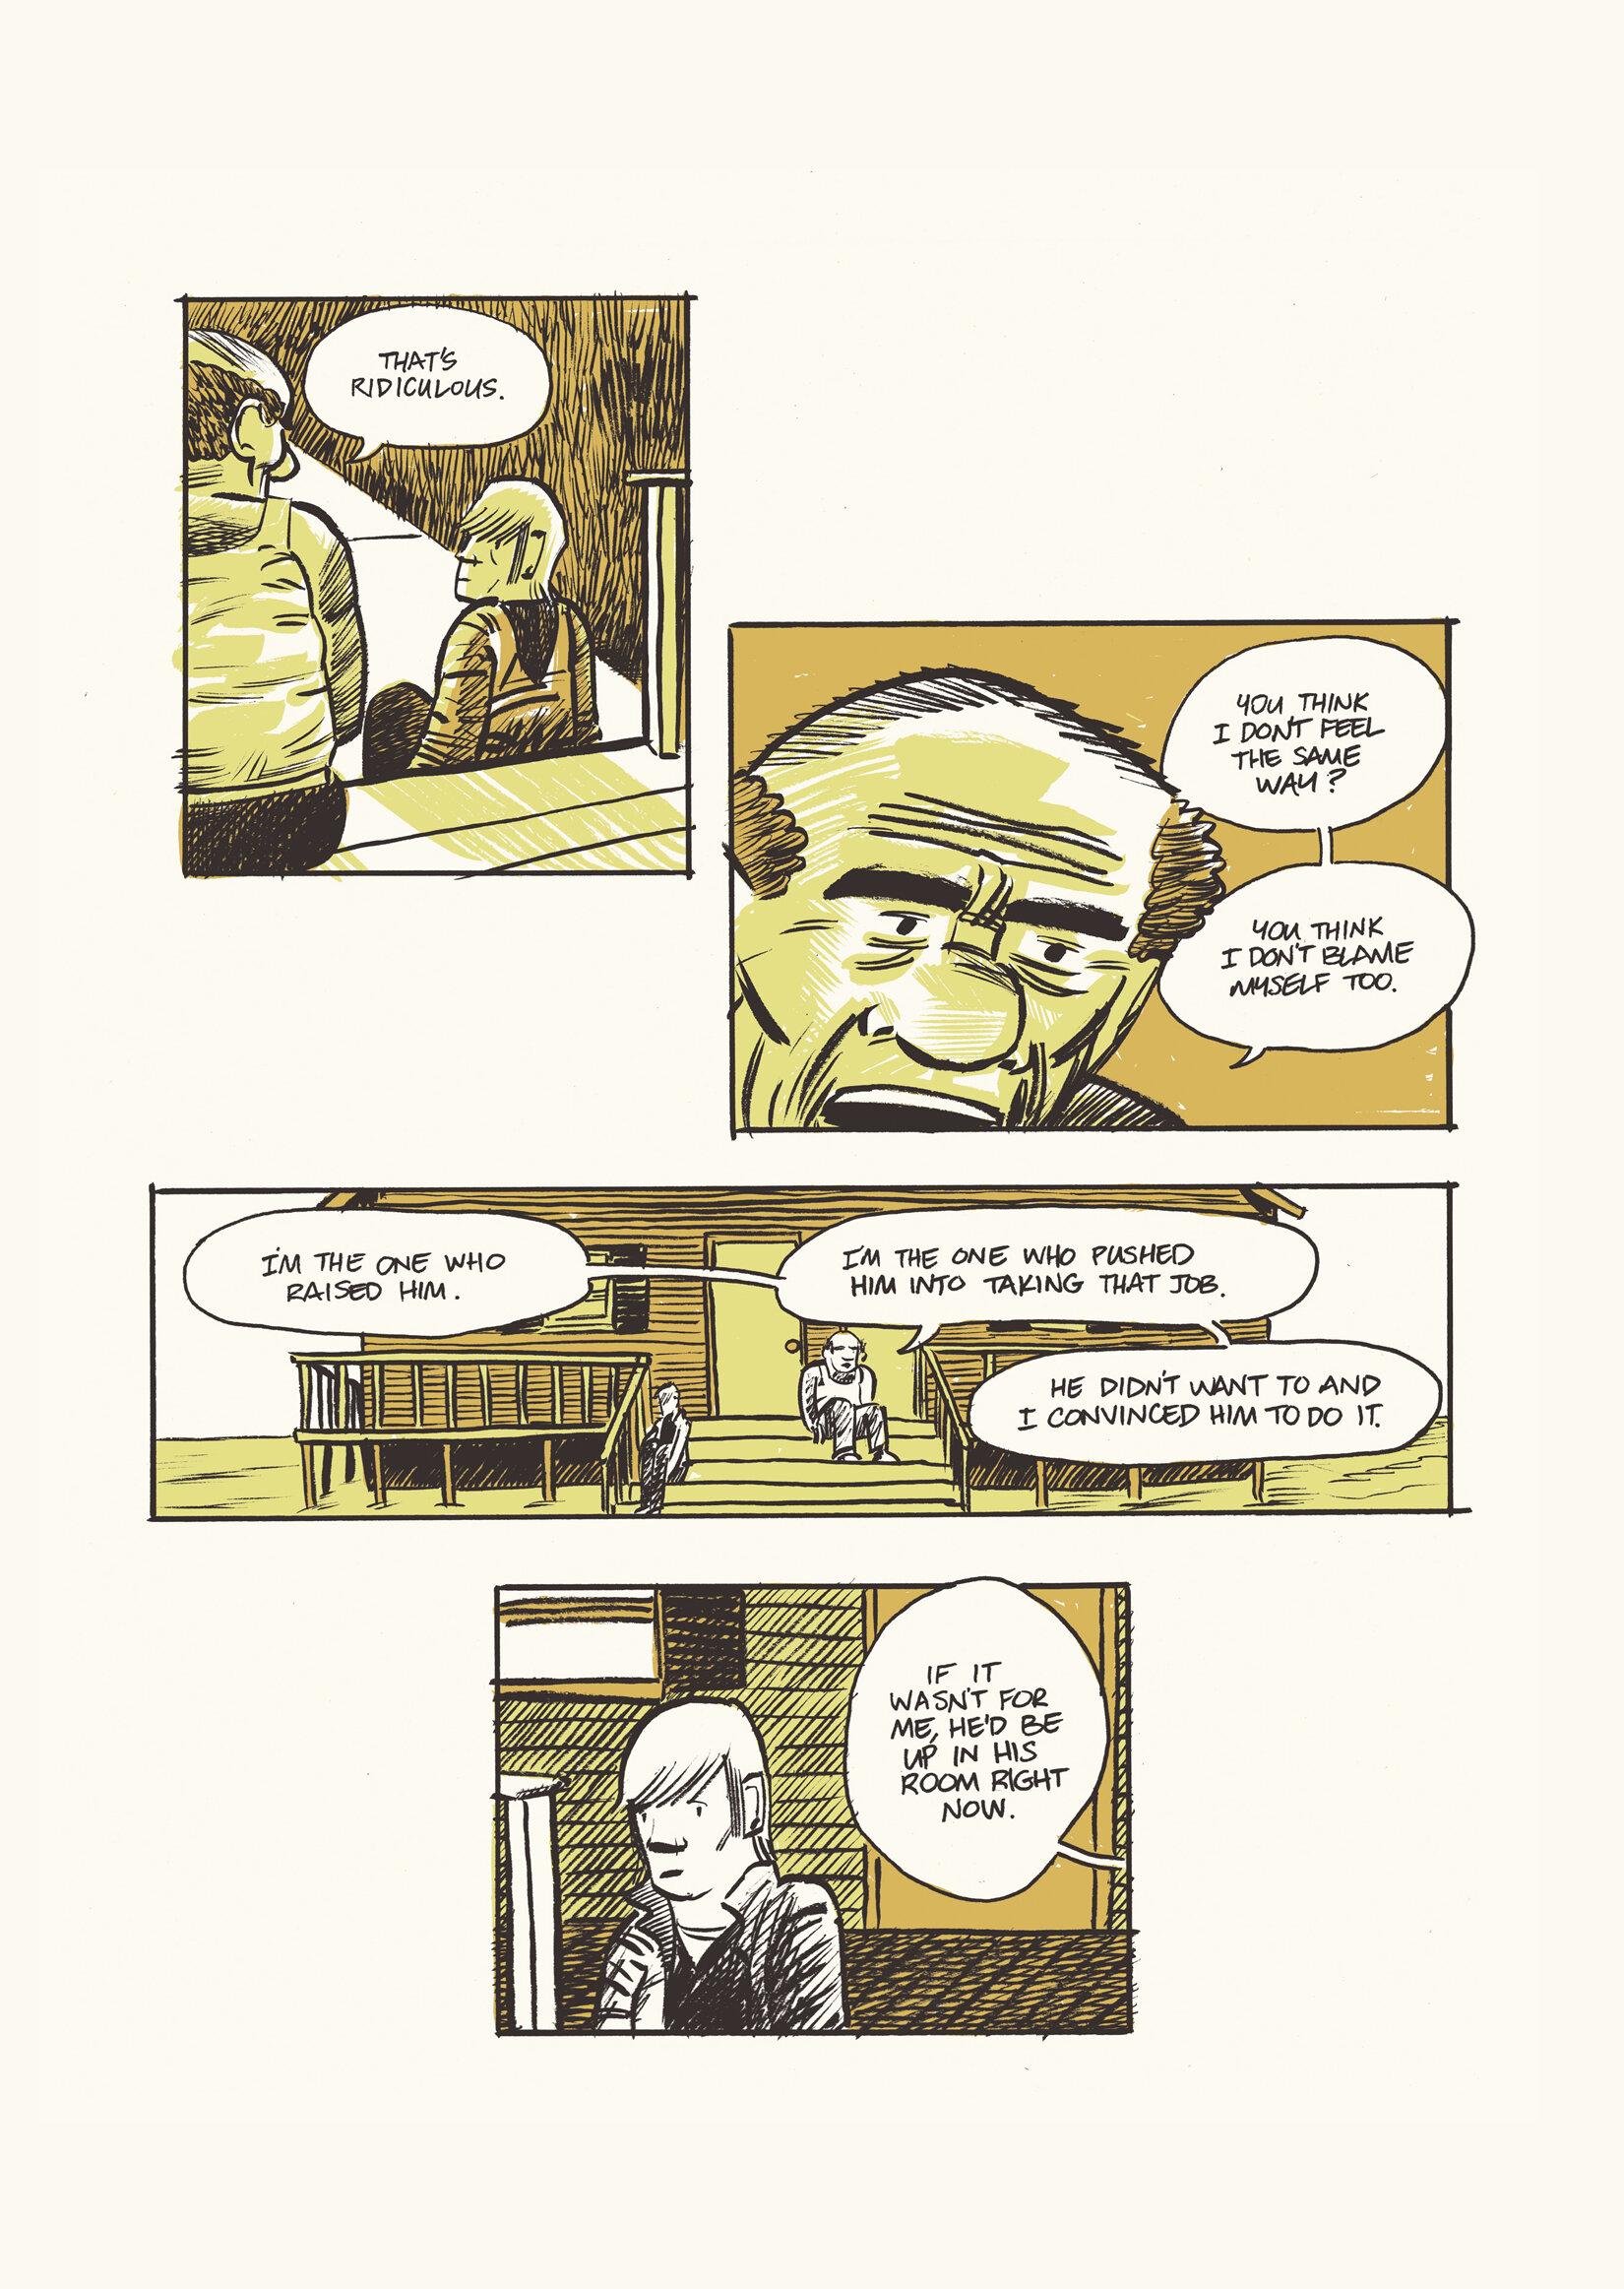 G Page 022.jpg